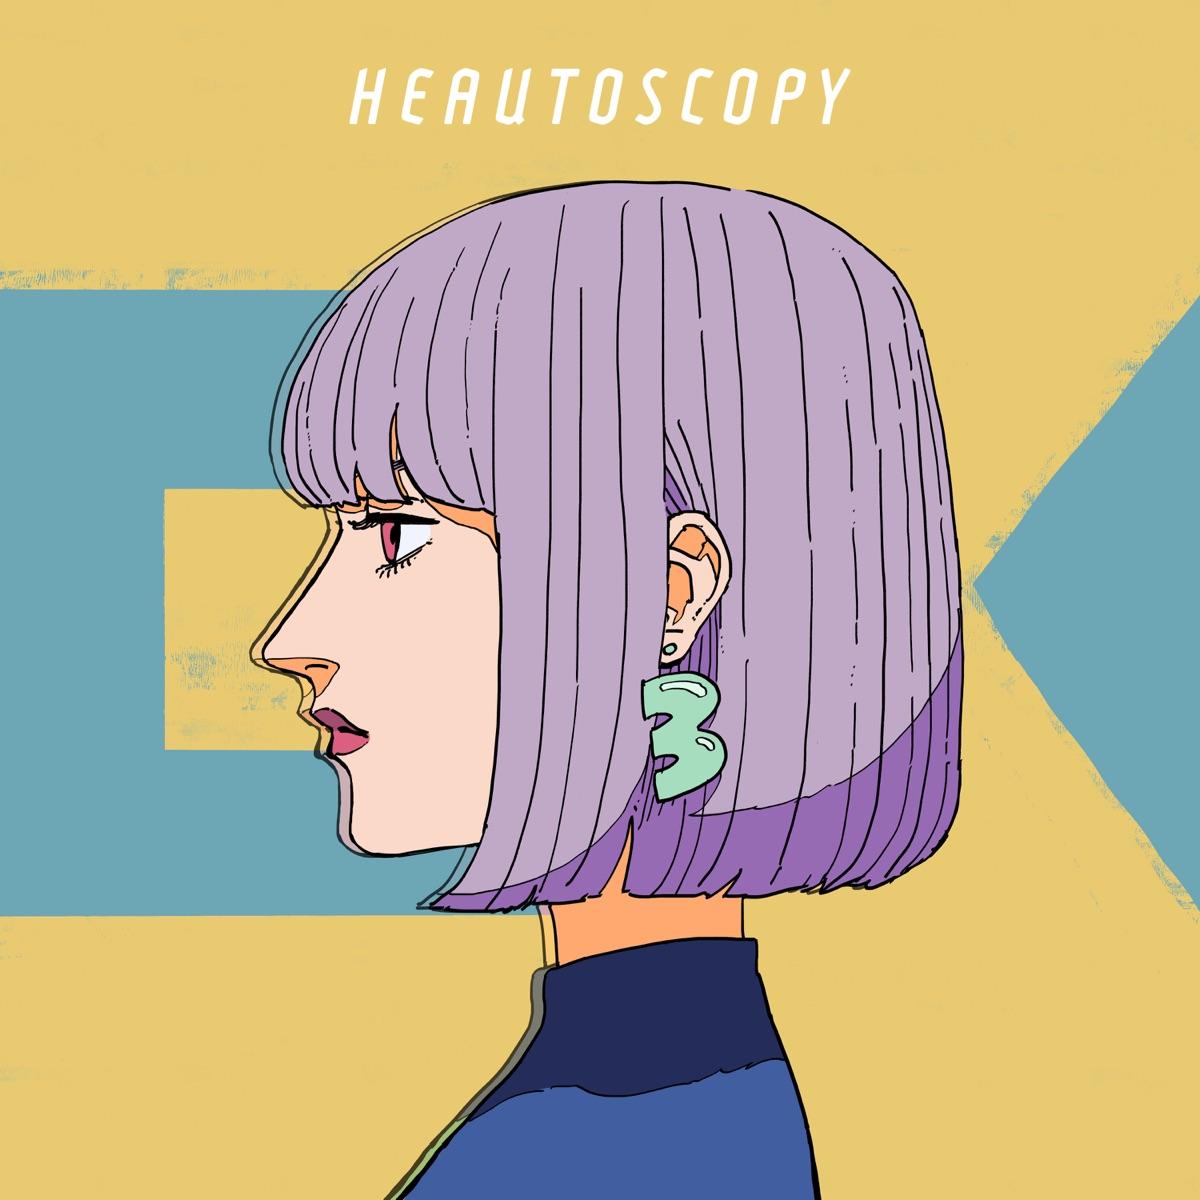 『すりぃ - 空中分解』収録の『HEAUTOSCOPY』ジャケット